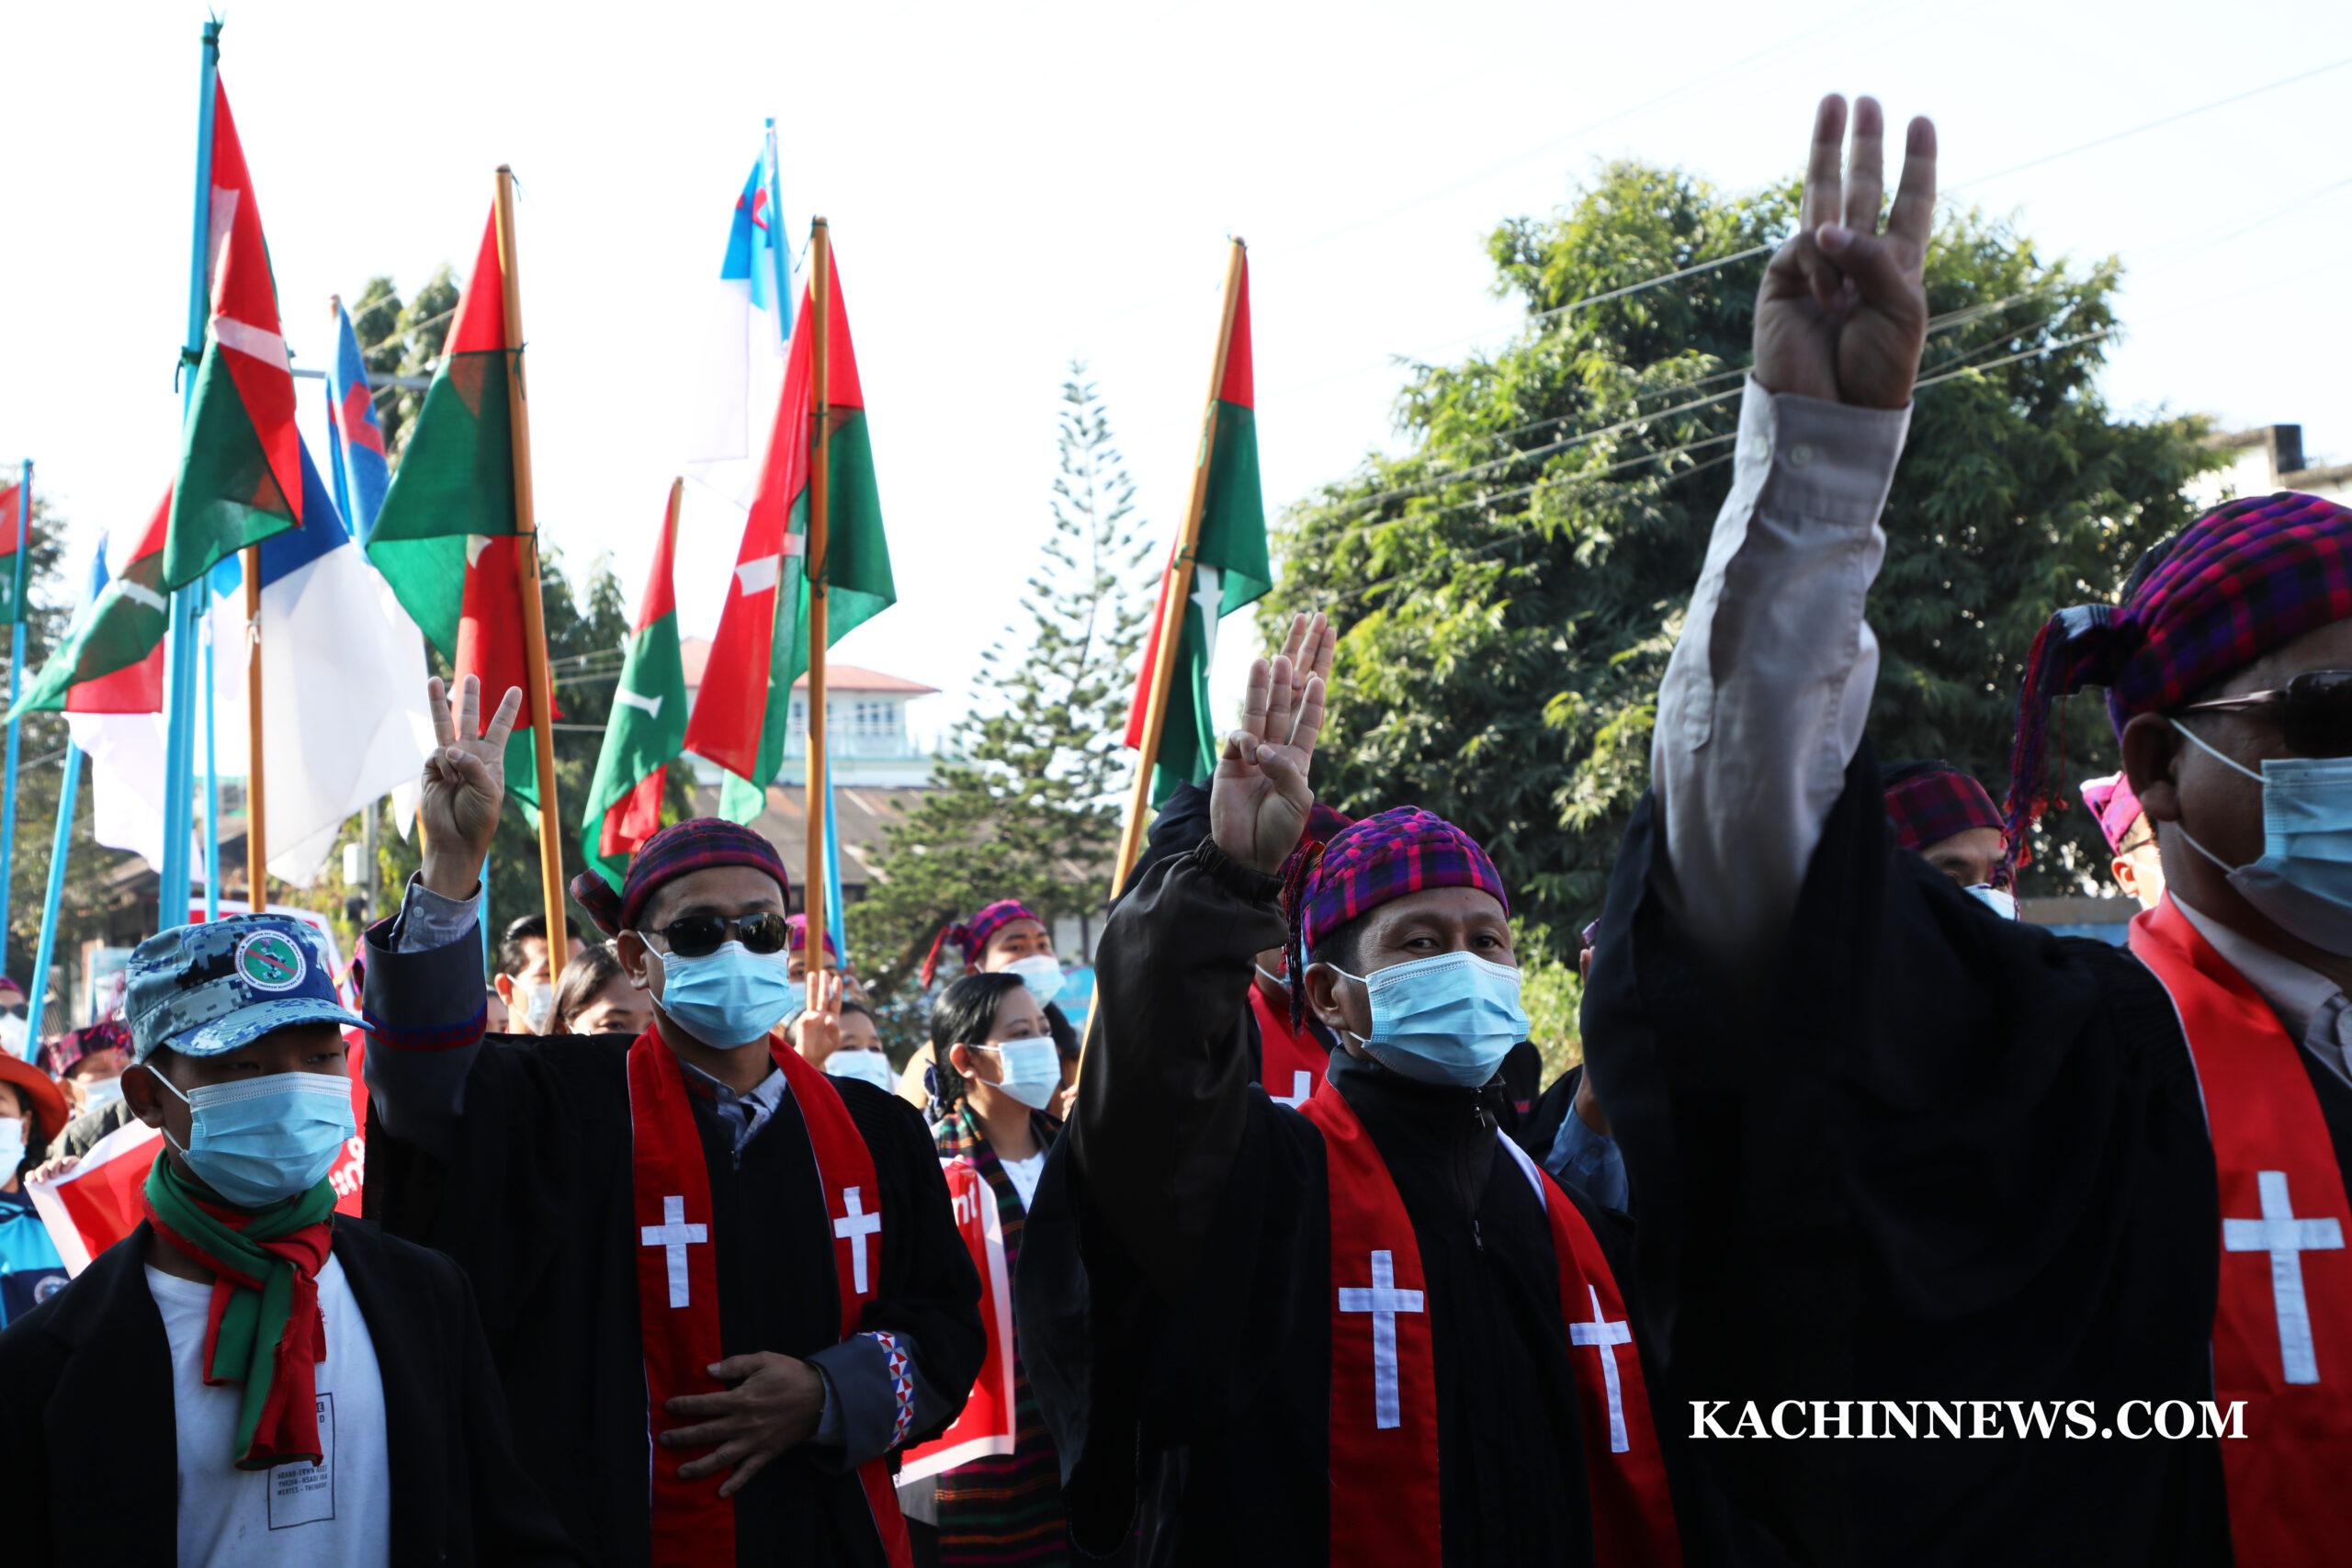 စစ်အာဏာရှင်ဆန့်ကျင်ဆန္ဒပြမှုတွင် KBC ပါဝင်လာ